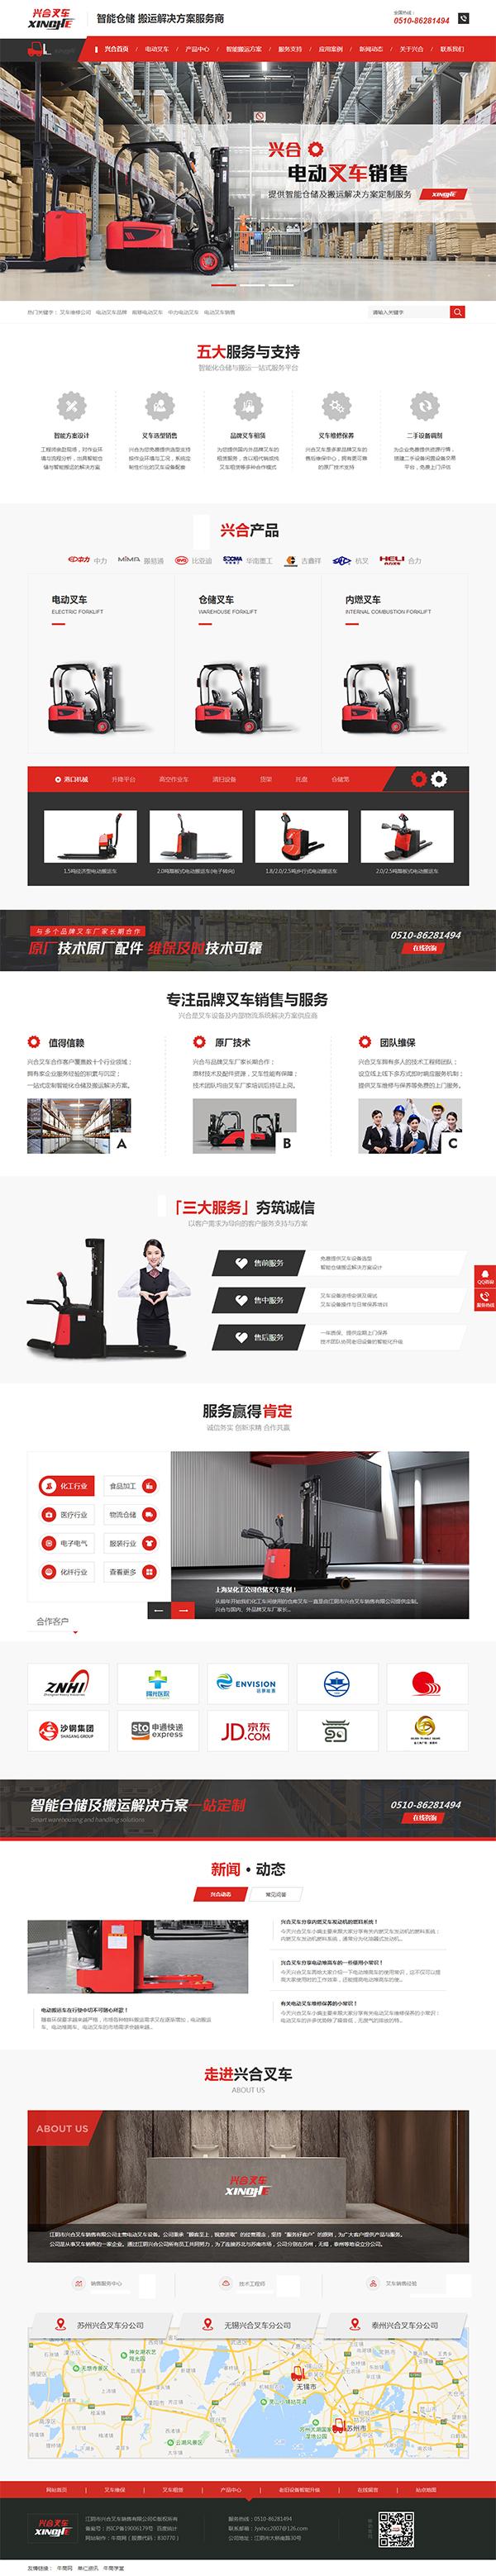 江阴兴合叉车——龙8国际龙88型龙8国际官网首页首页